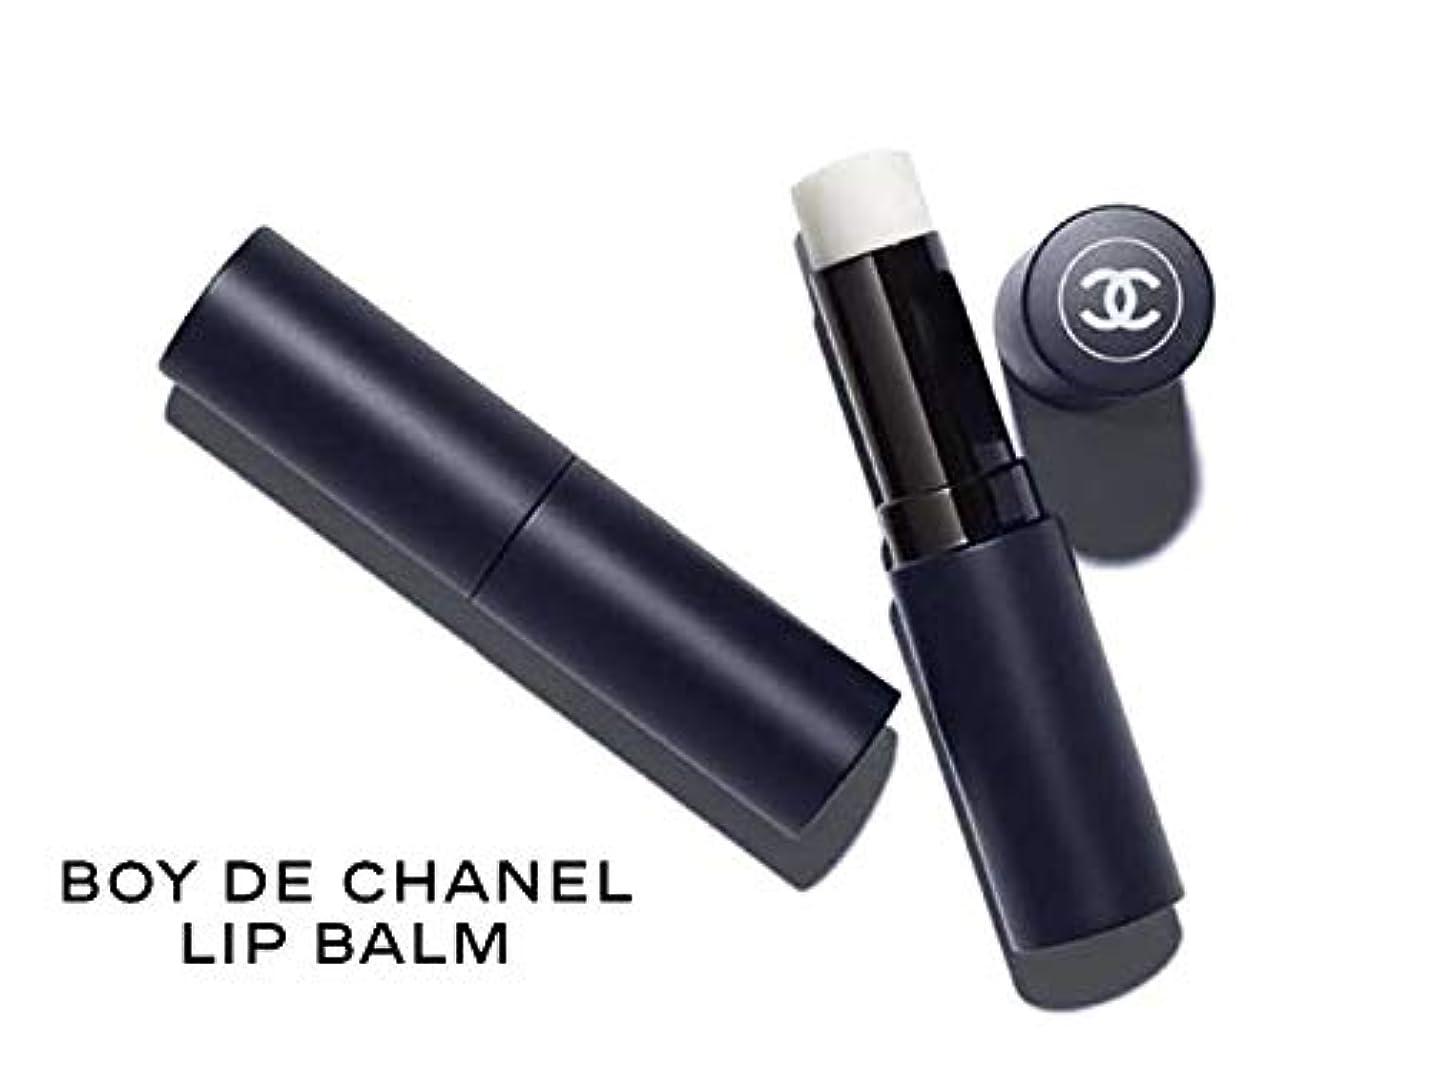 抑圧するミント偽造CHANEL 195050 BOY DE CHANEL LIP BALM ボーイ ドゥ シャネル リップ ボーム メンズ メークアップライン リップクリーム 無色 3g ラッピング?ショップバッグ&リボン?メッセージカード付